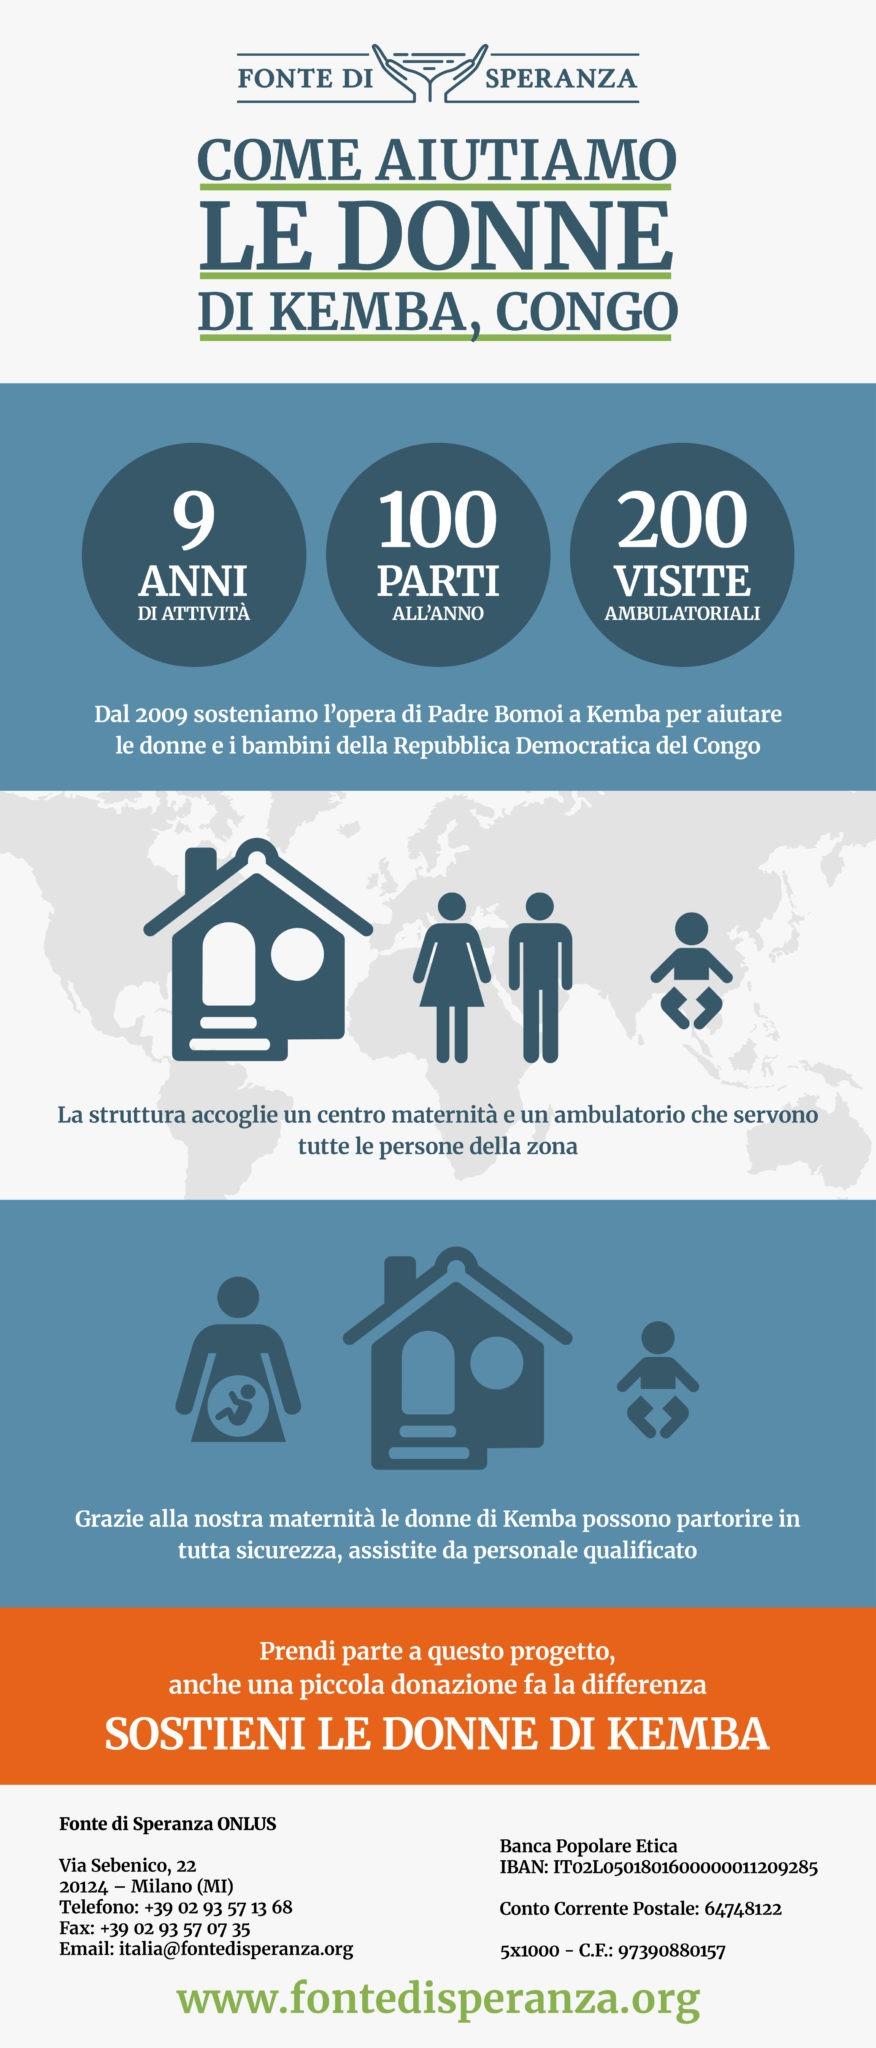 L'infografica relativa al Centro Medico di Kemba che Fonte di Speranza ha costruito insieme a Padre Bomoi nella Repubblica Democratica del Congo